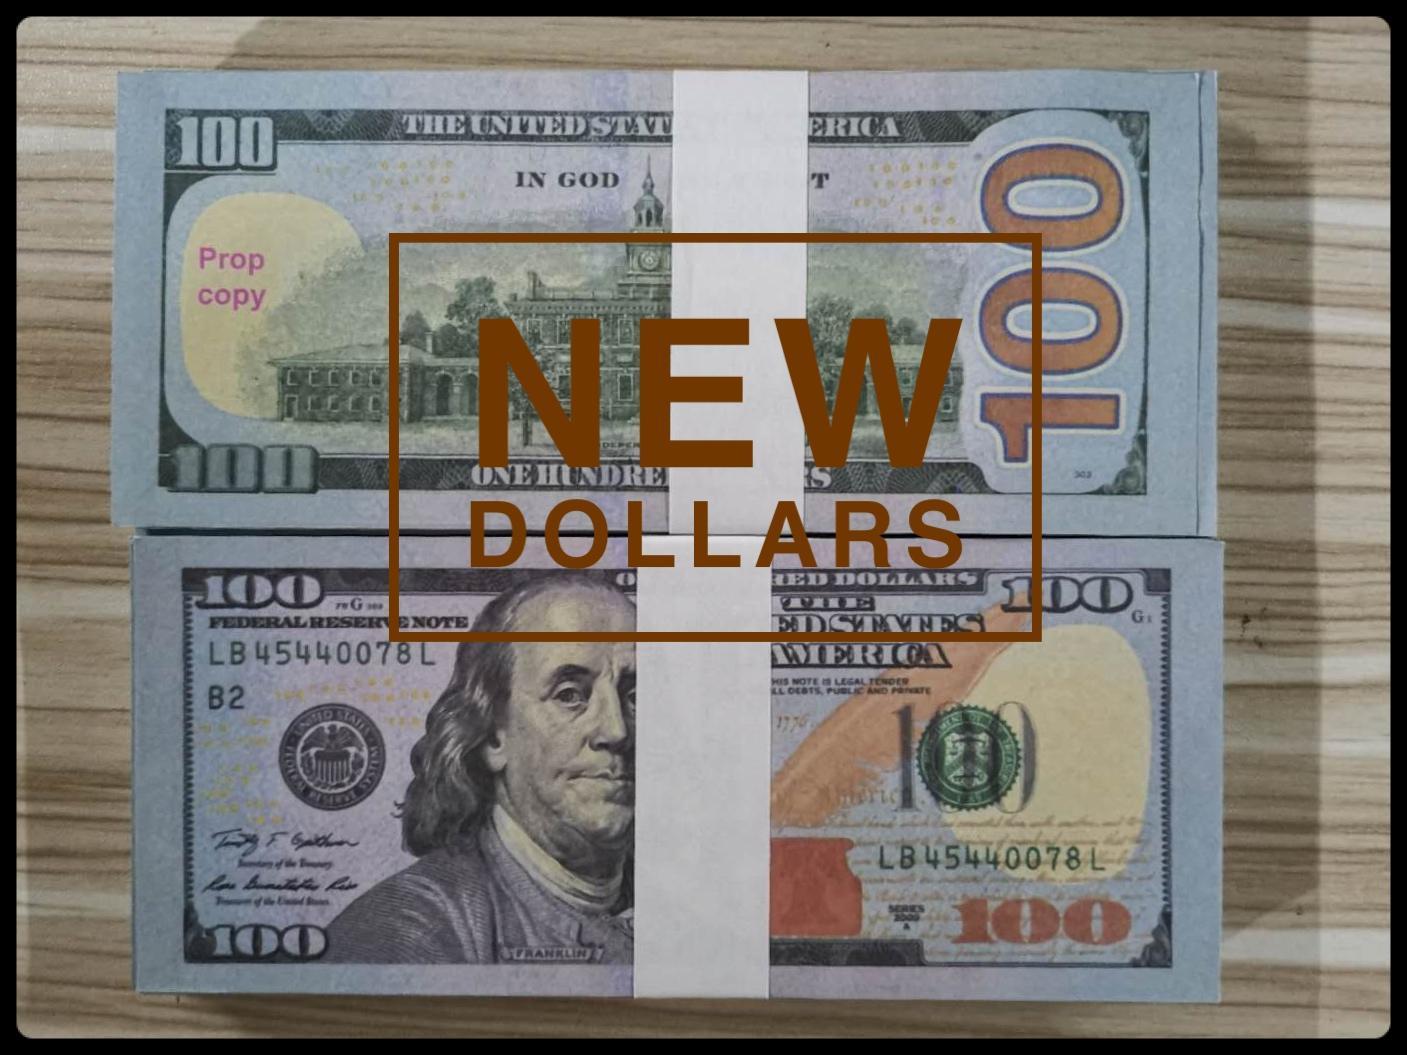 US Dollar Heiße Verkäufe Gefälschte Geld Movies Prop 100-Dollar-Banknote Zählen Prop Geld Festliche Party Games Spielzeug Kollektionen Geschenke ndN100